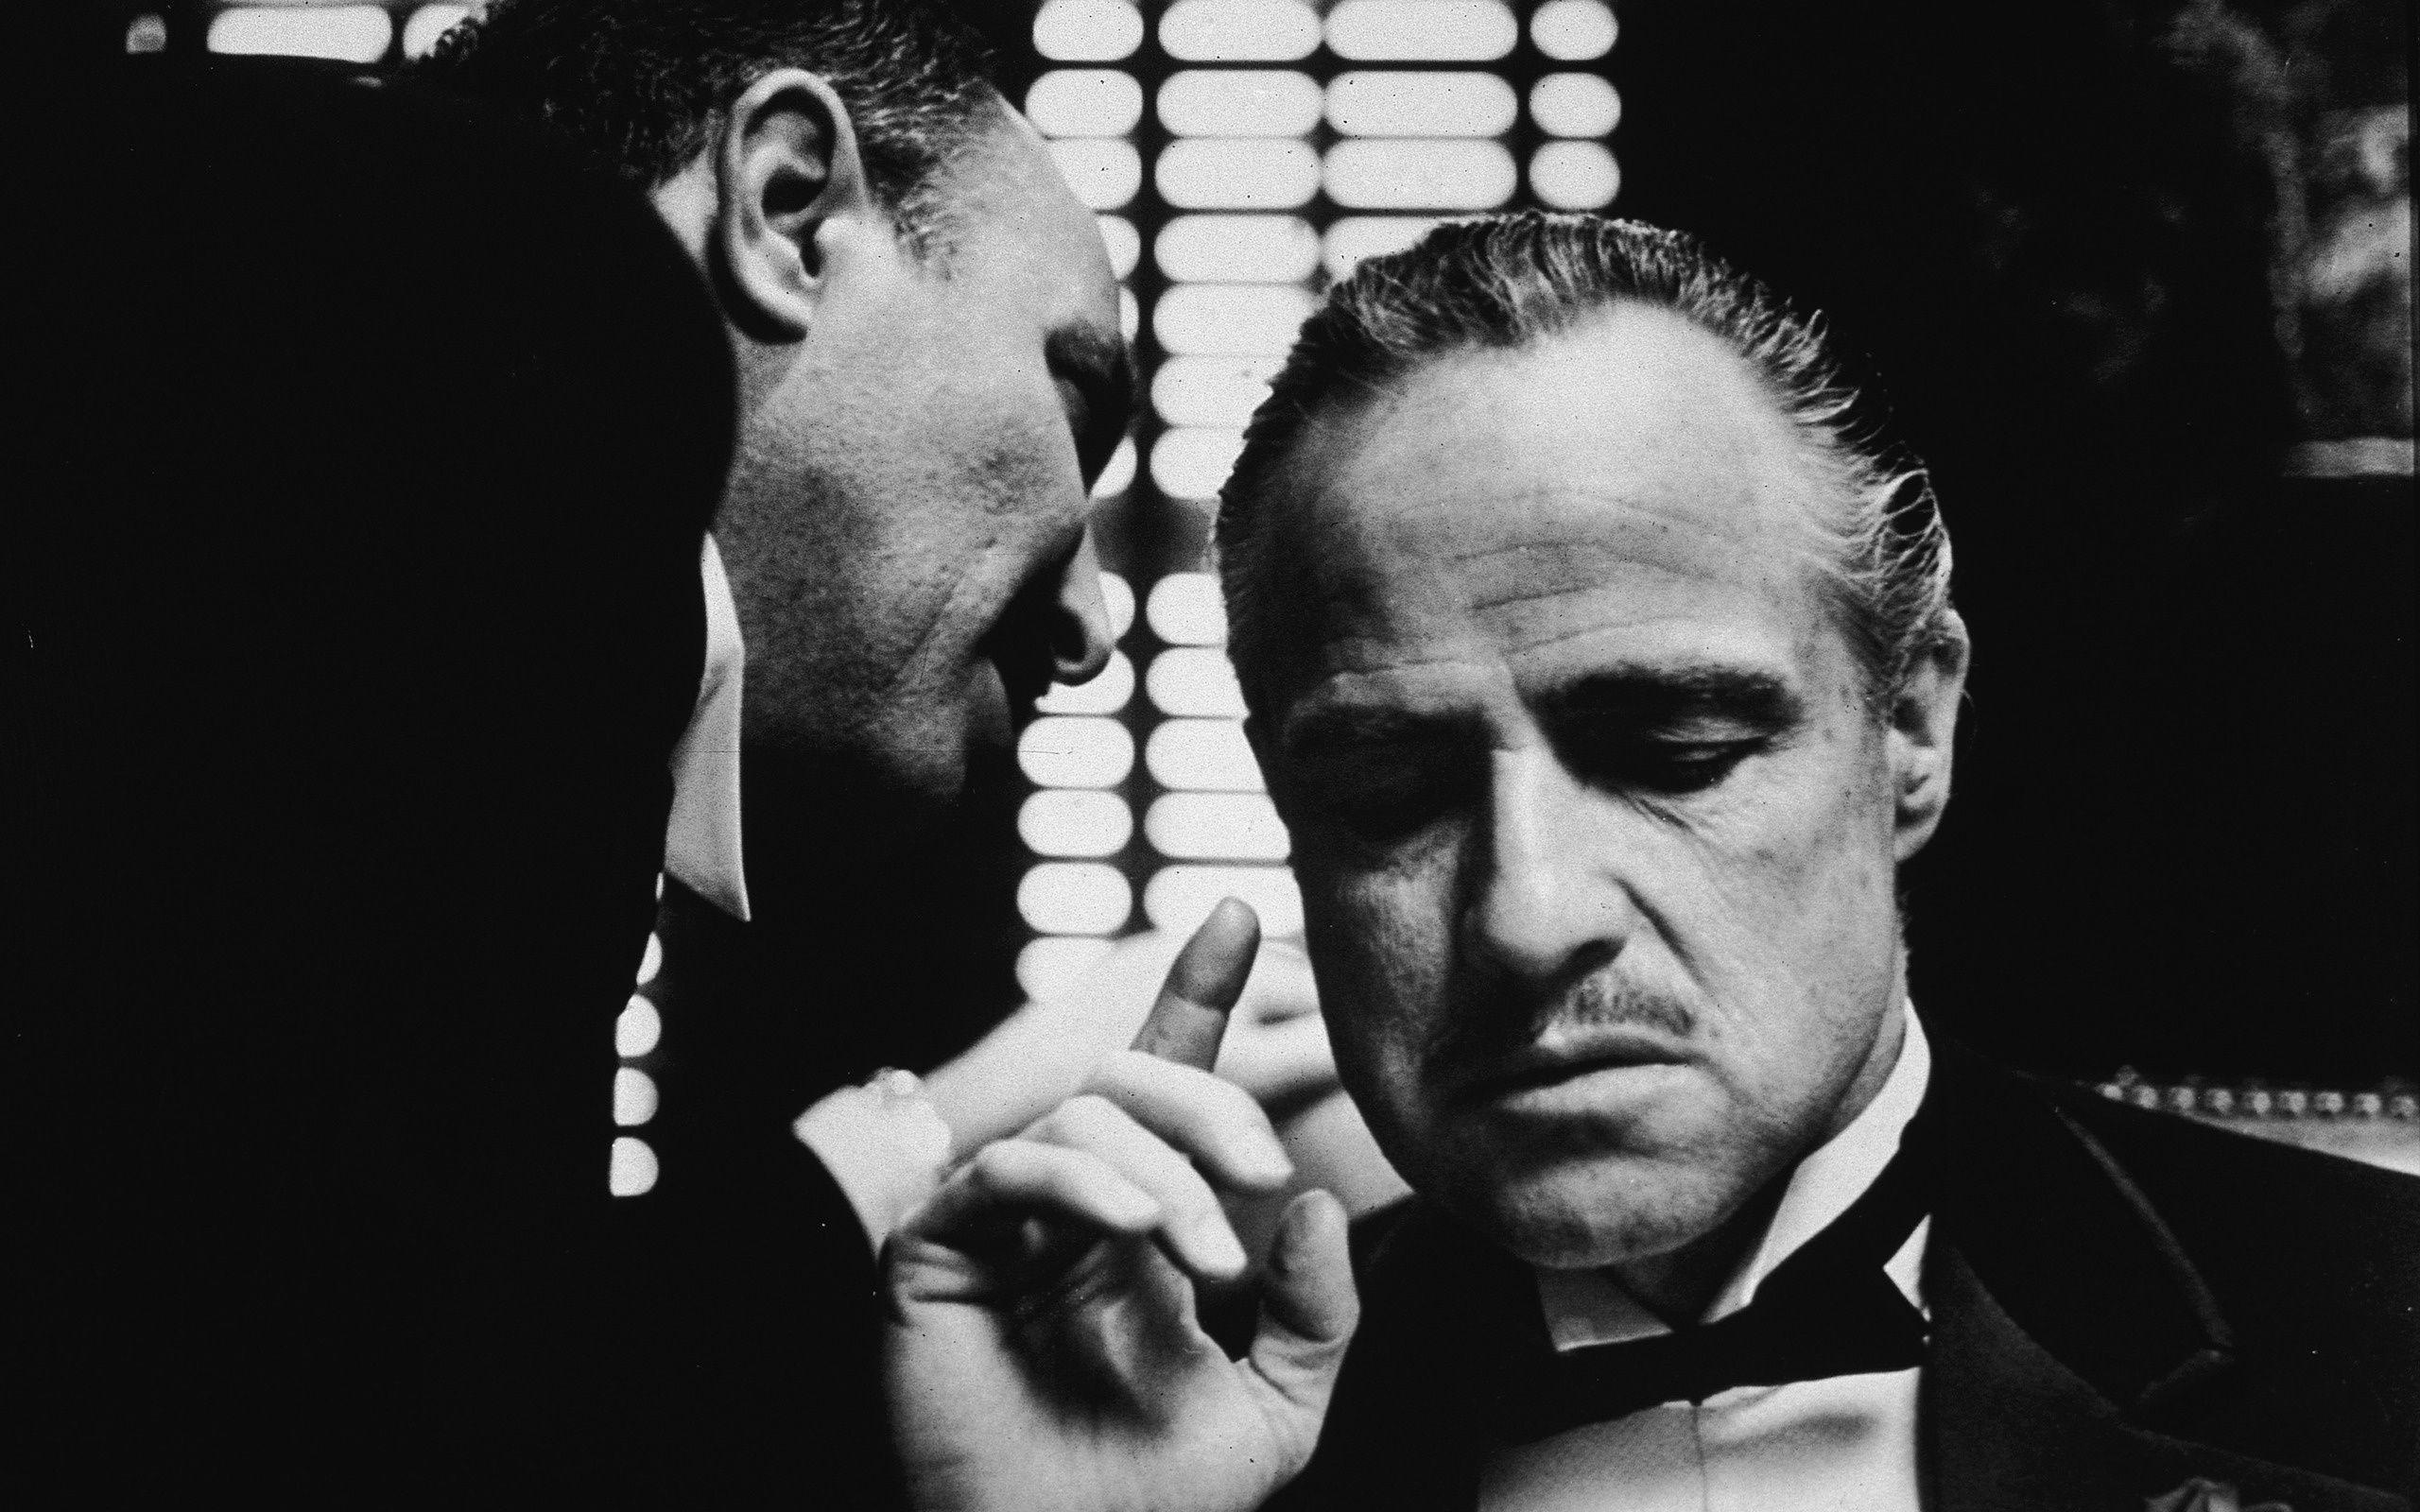 Vito Corleone Wallpapers 2560x1600